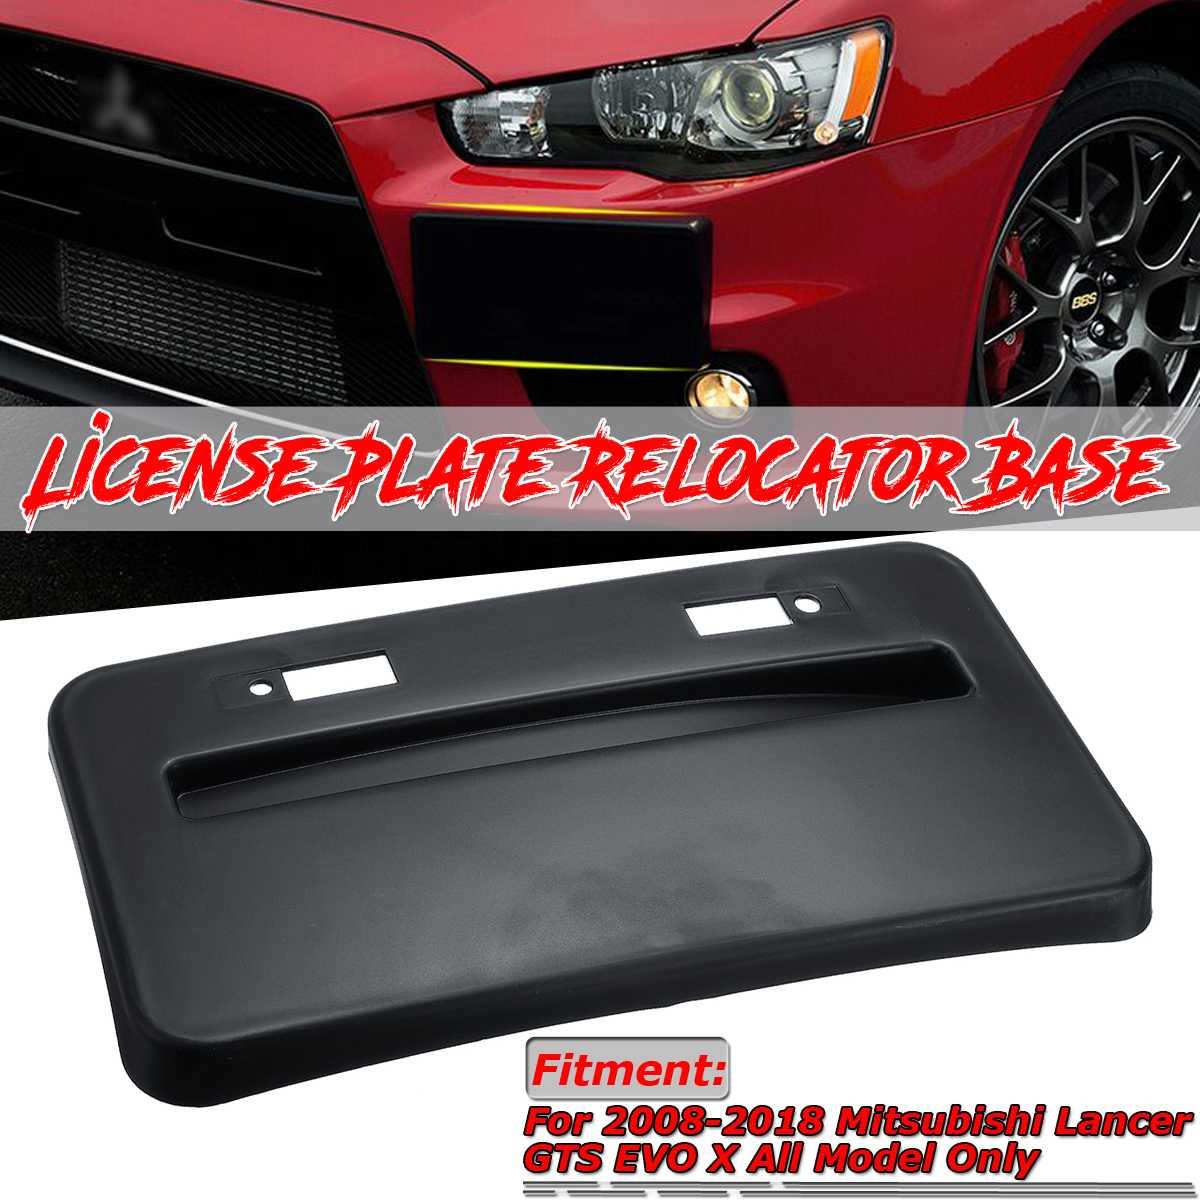 Nowy przedni zderzak samochodowy uchwyt na tablicę rejestracyjną Relocator podstawa wspornik rama dla Mitsubishi Lancer GTS EVO X 2008-2018